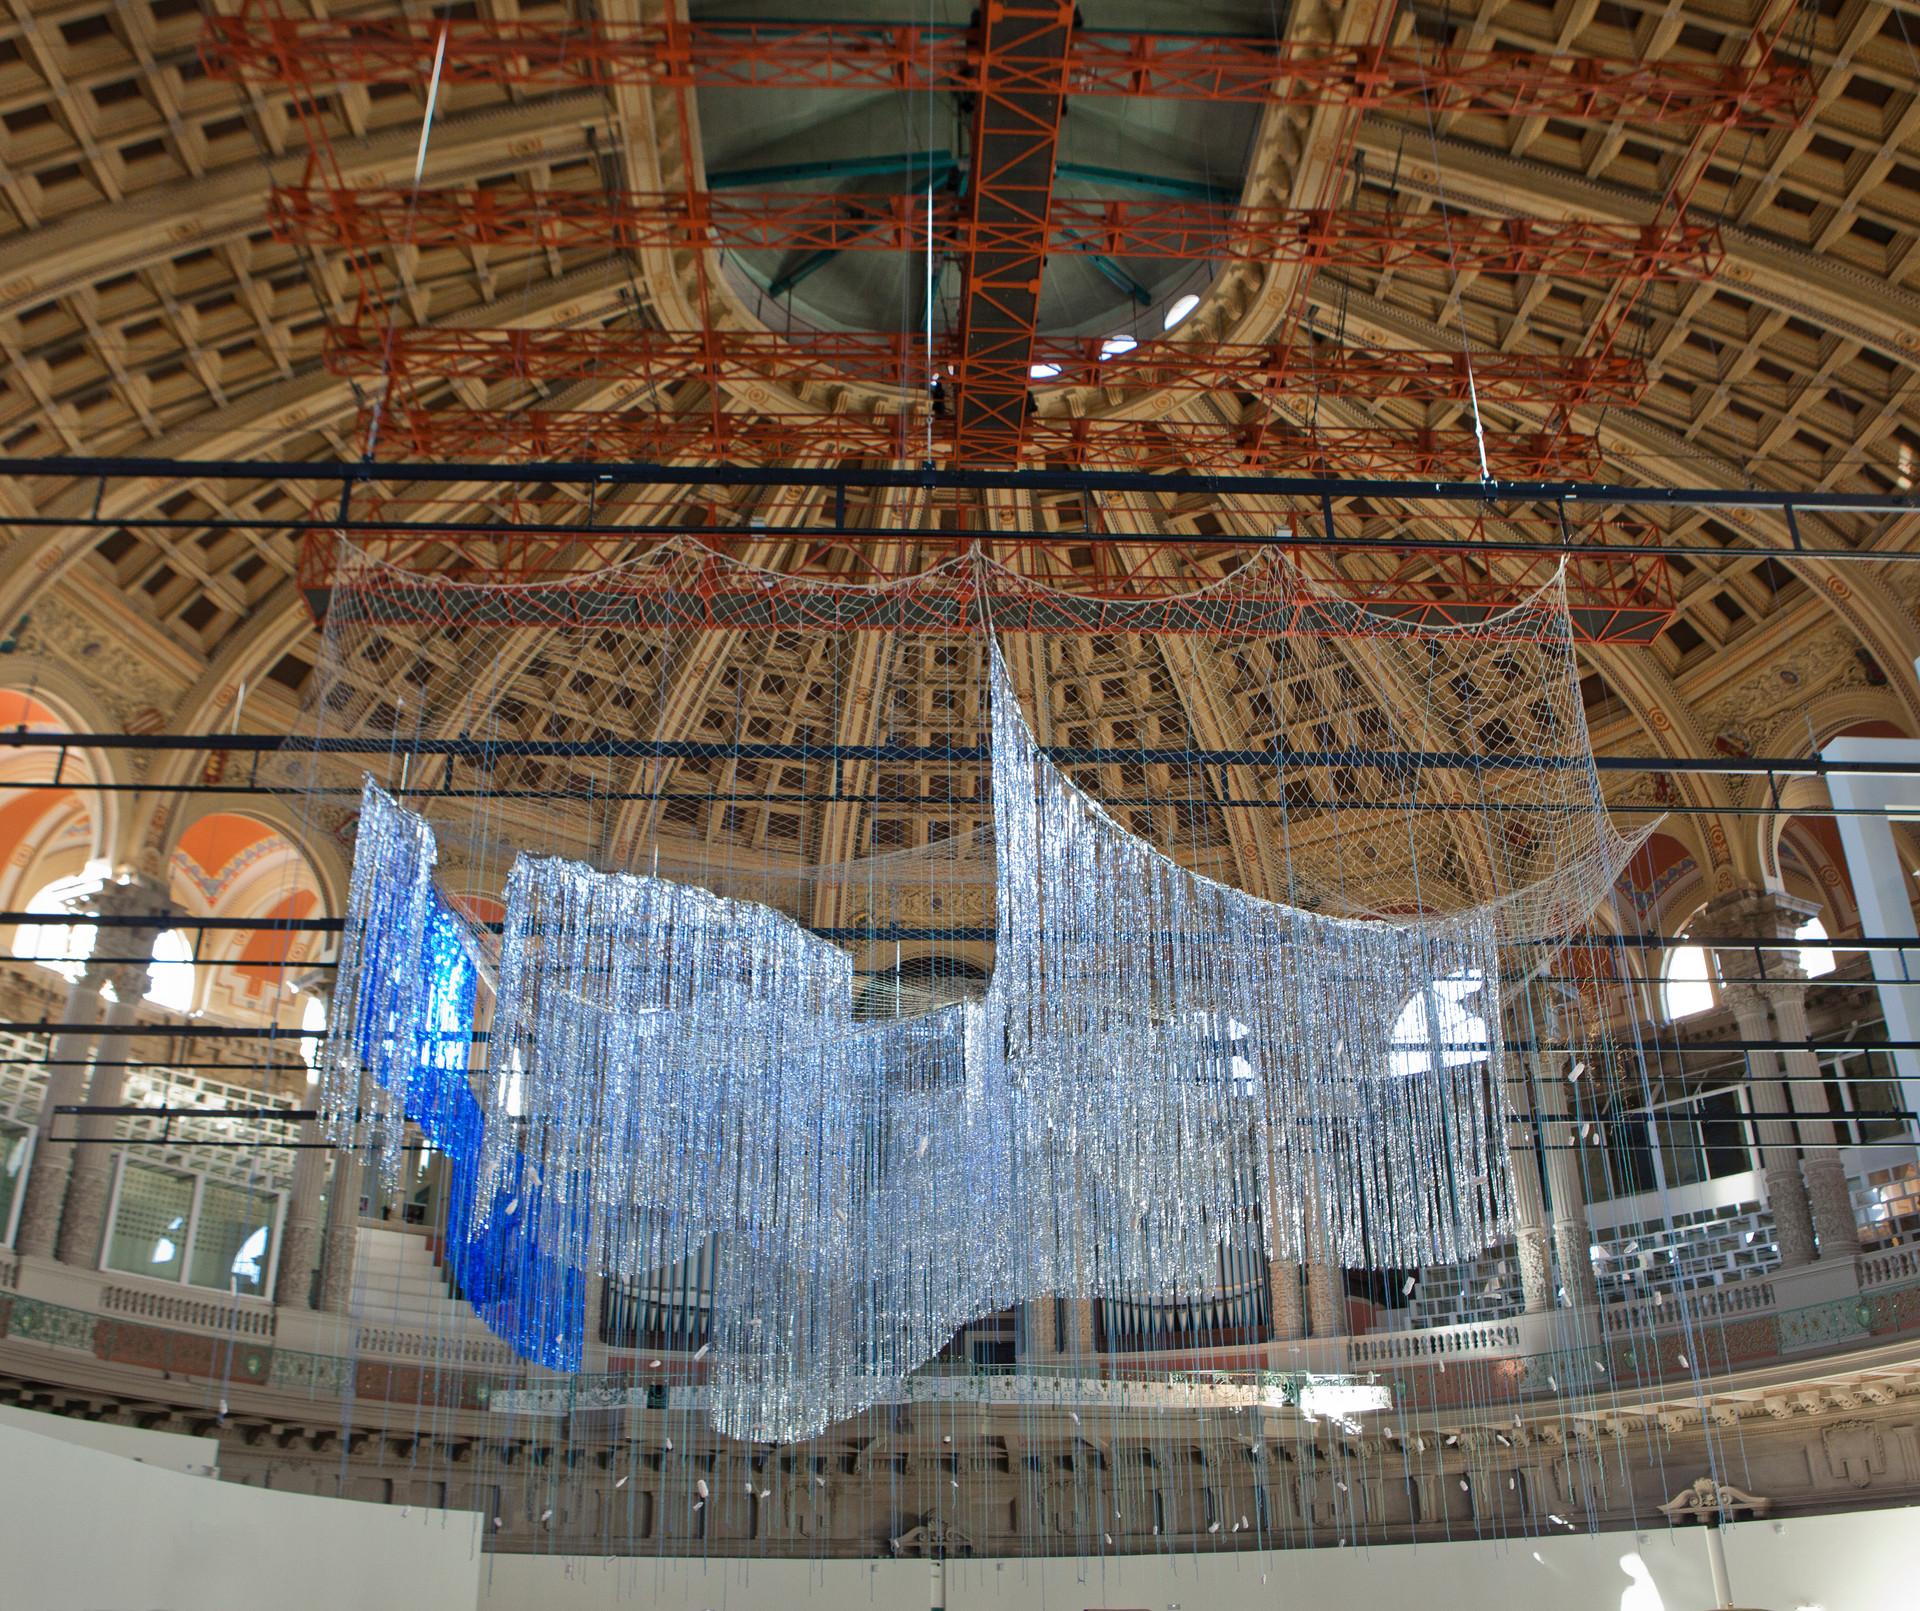 La lluvia: pensar el agua en la arquitectura